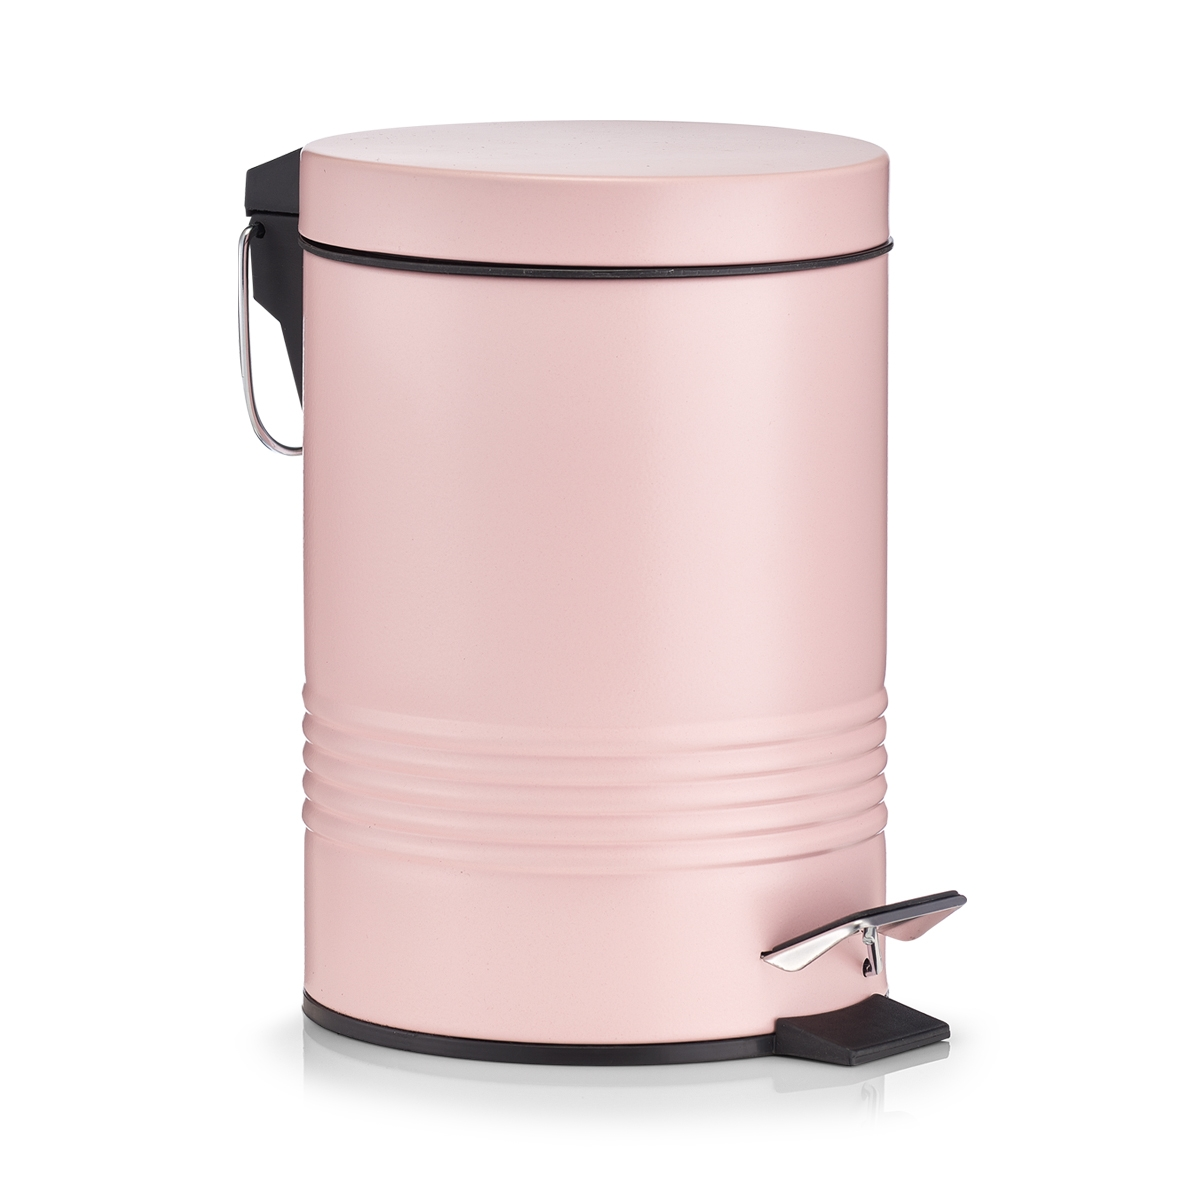 Cos de gunoi cu pedala pentru baie, Rose, 3L imagine